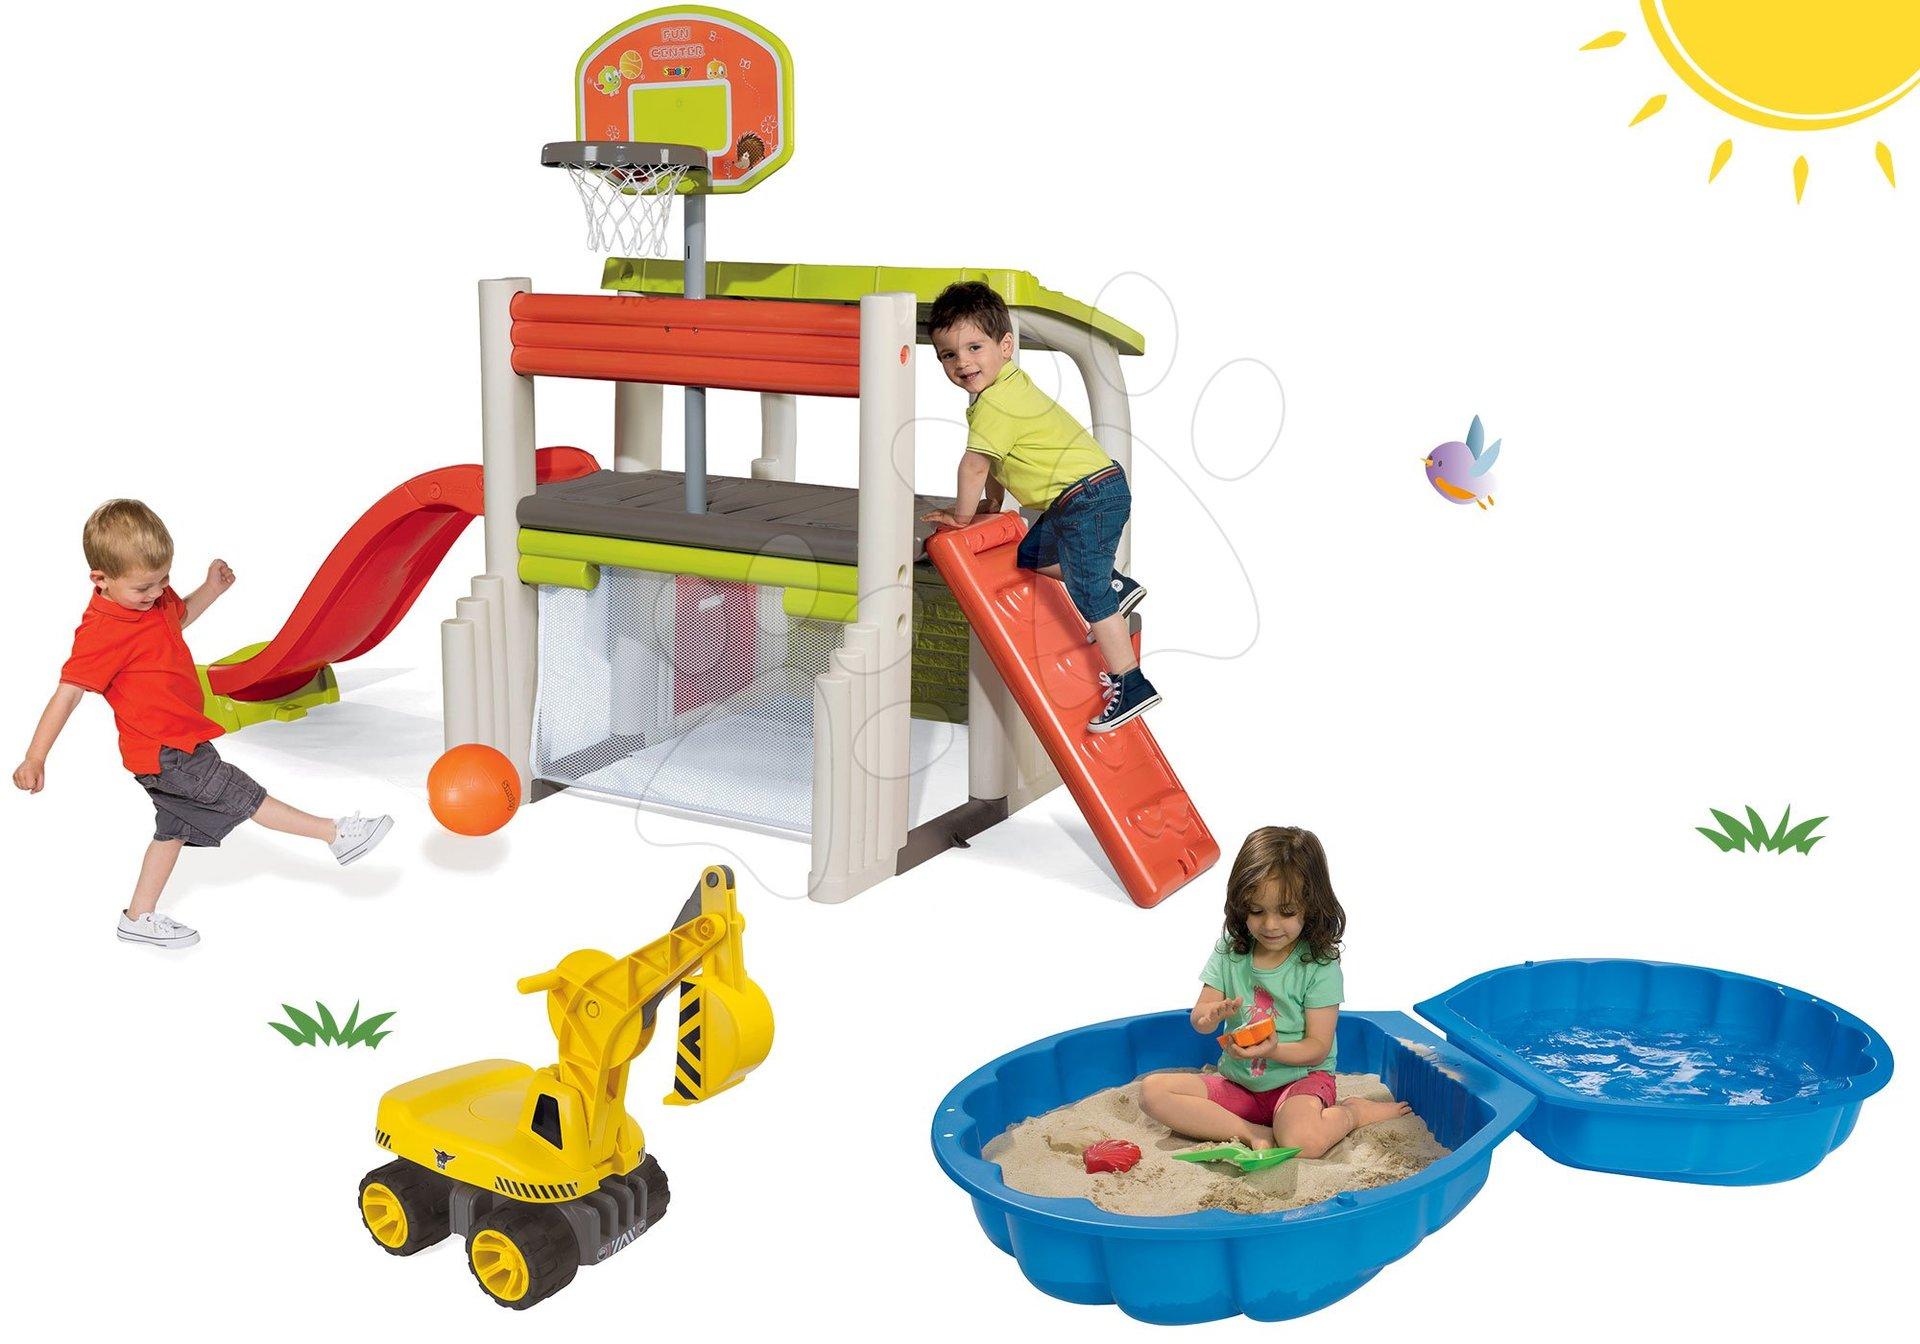 Hracie centrá - Set hracie centrum Fun Center Smoby so šmykľavkou dlhou 150 cm, bager Maxi Power a dvojdielne pieskovisko od 24 mes